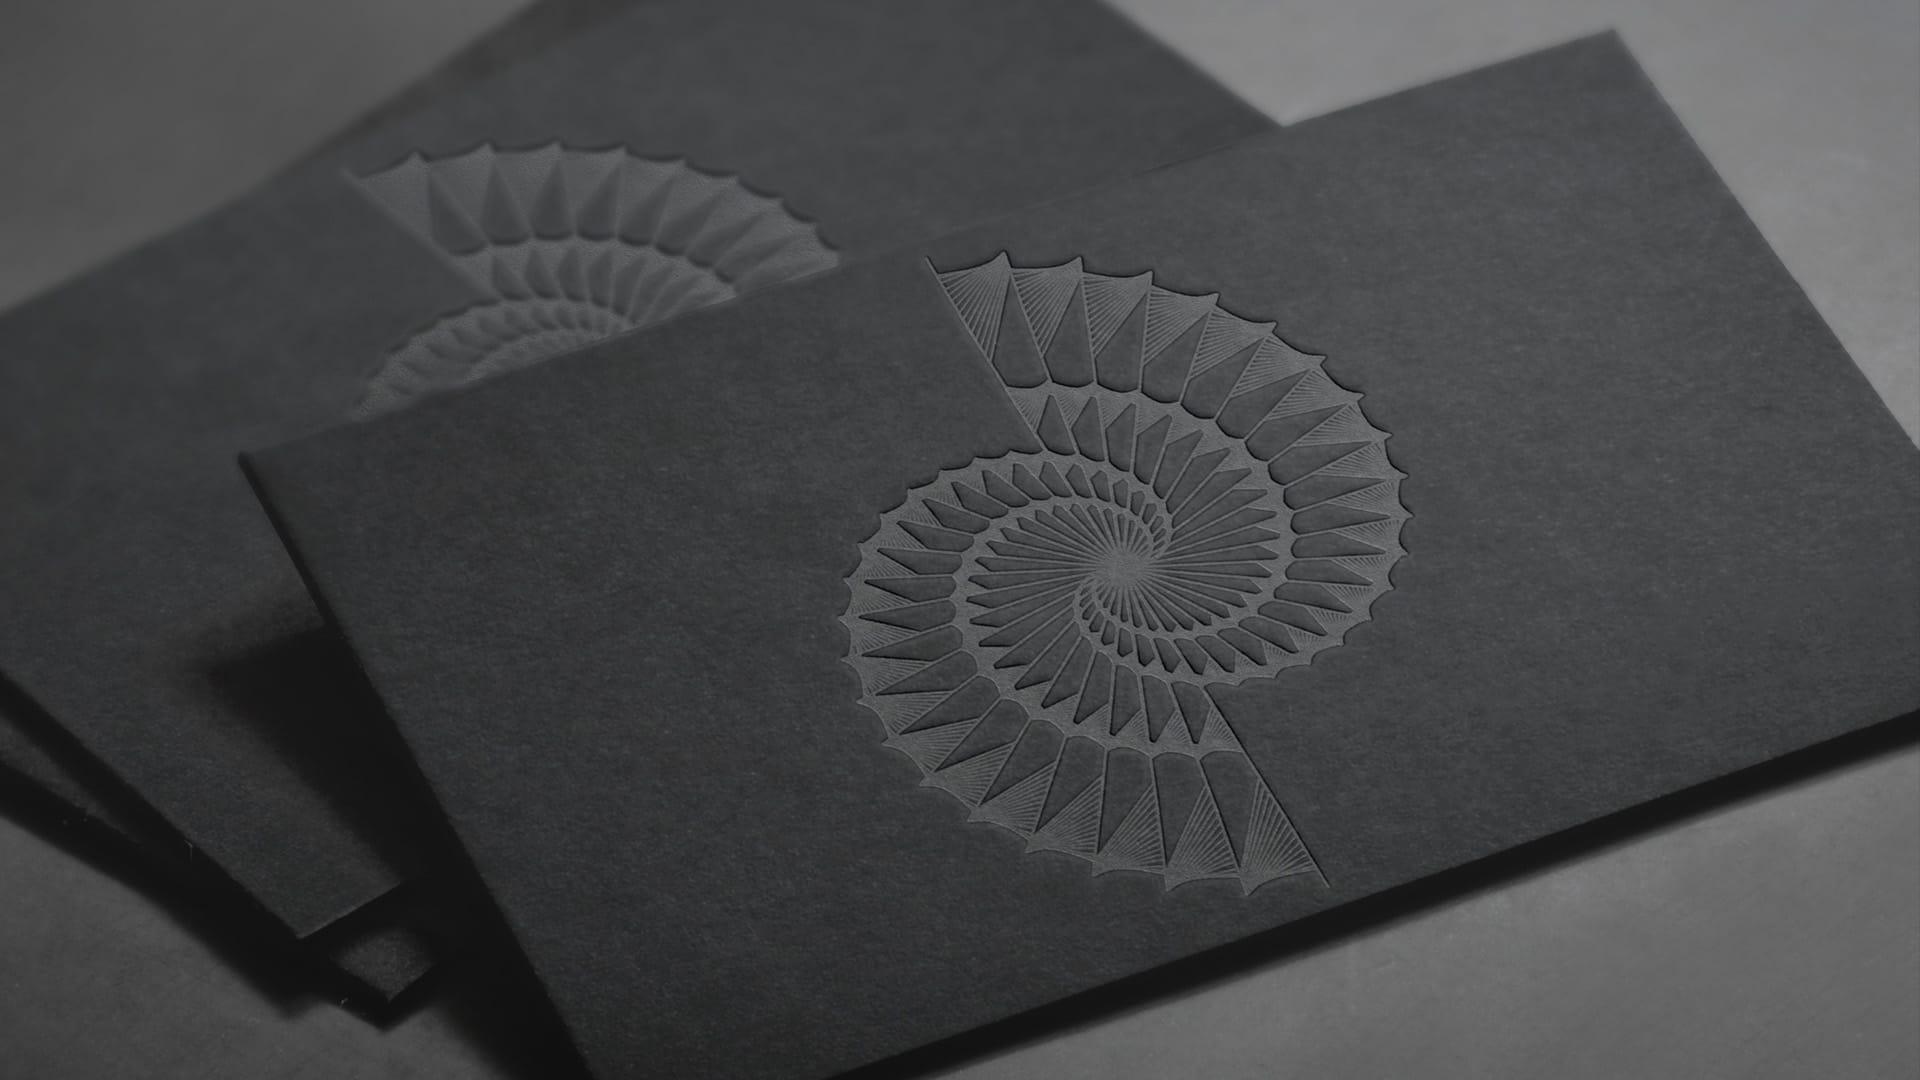 Black-Embossed-Logos-Serjan_Burlak_BiogenicDesign-2